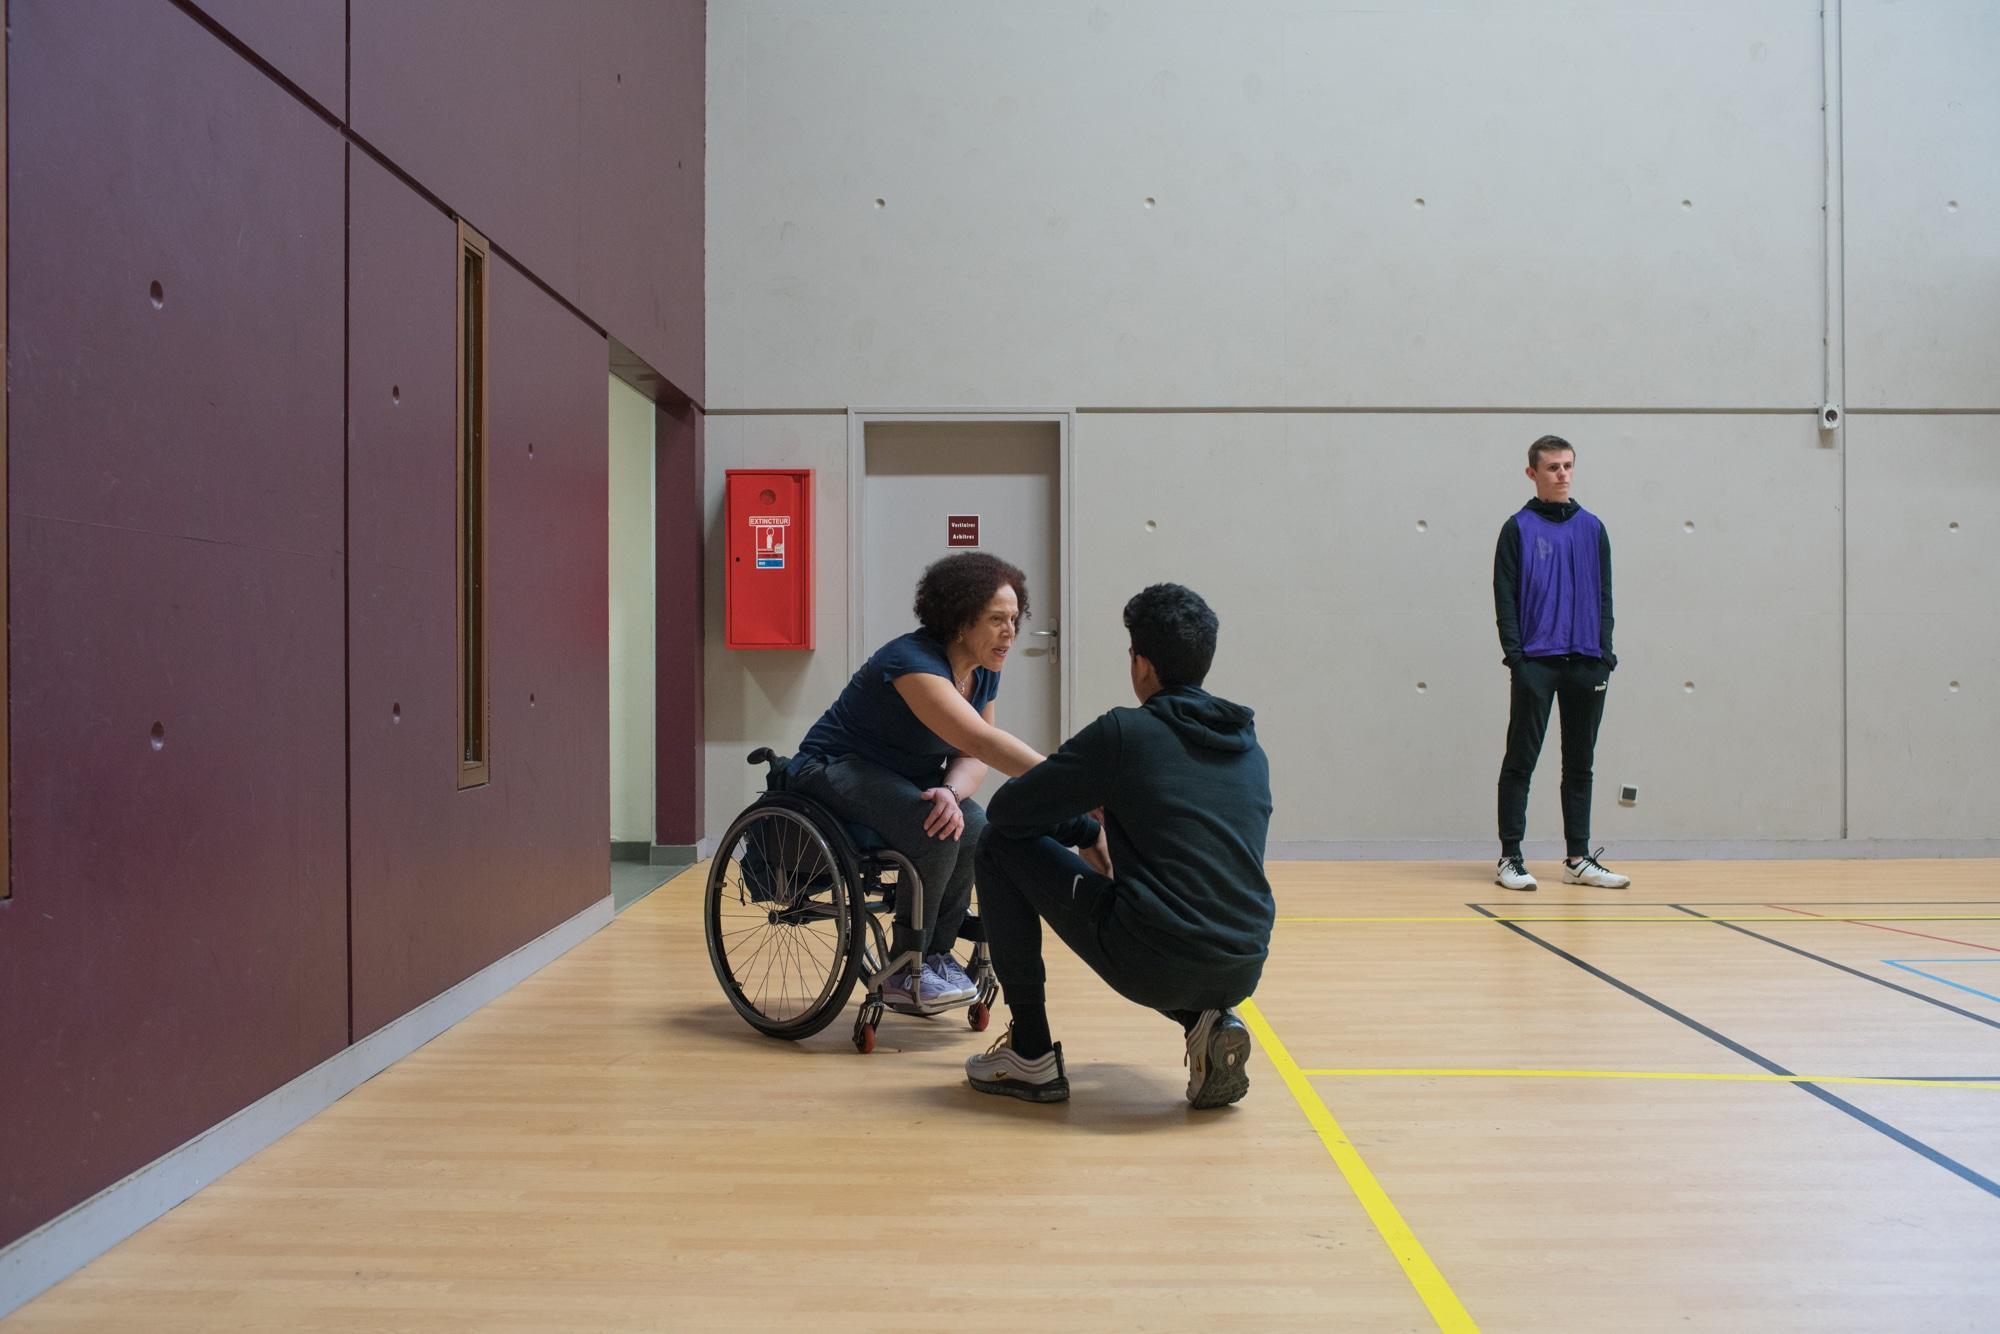 Un élève est accroupi devant Hadda, qui lui saisit la main en s'adressant à lui.